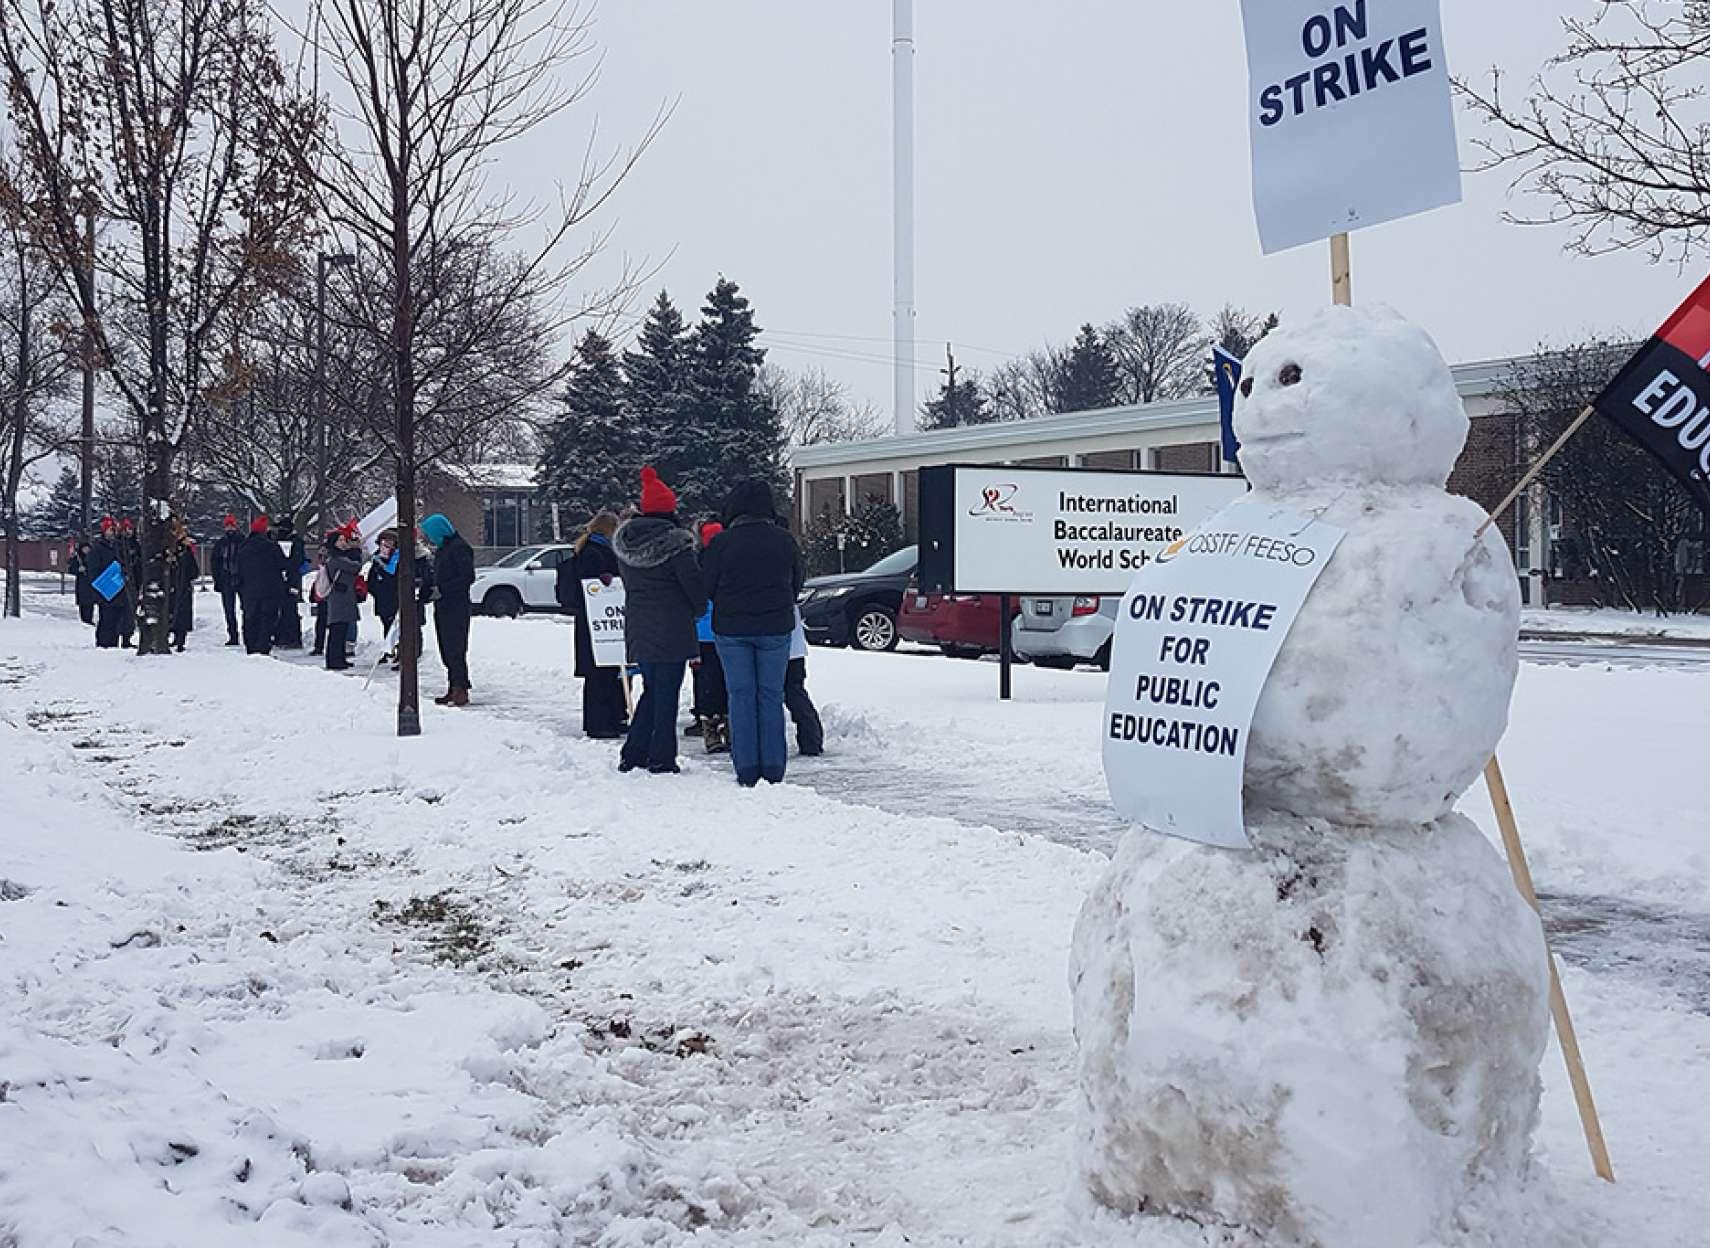 اخبار-تورنتو-آغاز-اعتصابات-یکروزه-دبیرستانهای-انتاریو